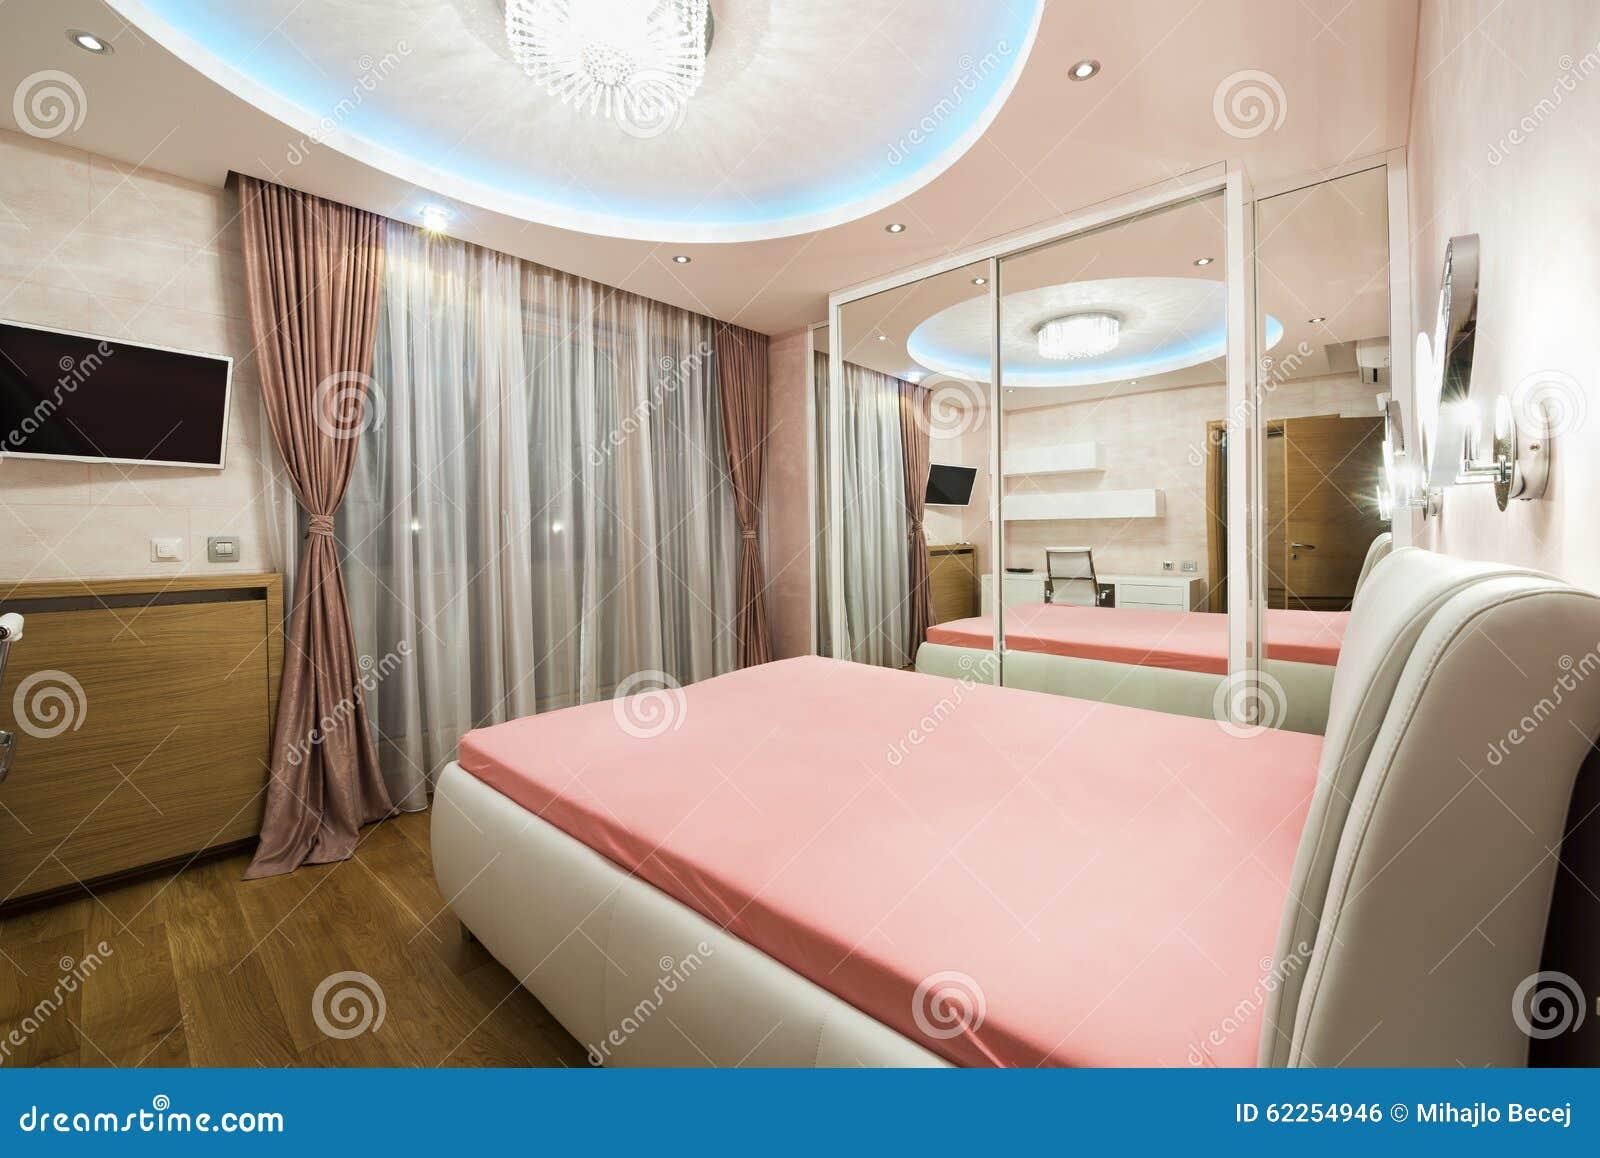 Plafoniere Camera Da Letto Moderne : Camera da letto di lusso con le plafoniere moderne fotografia